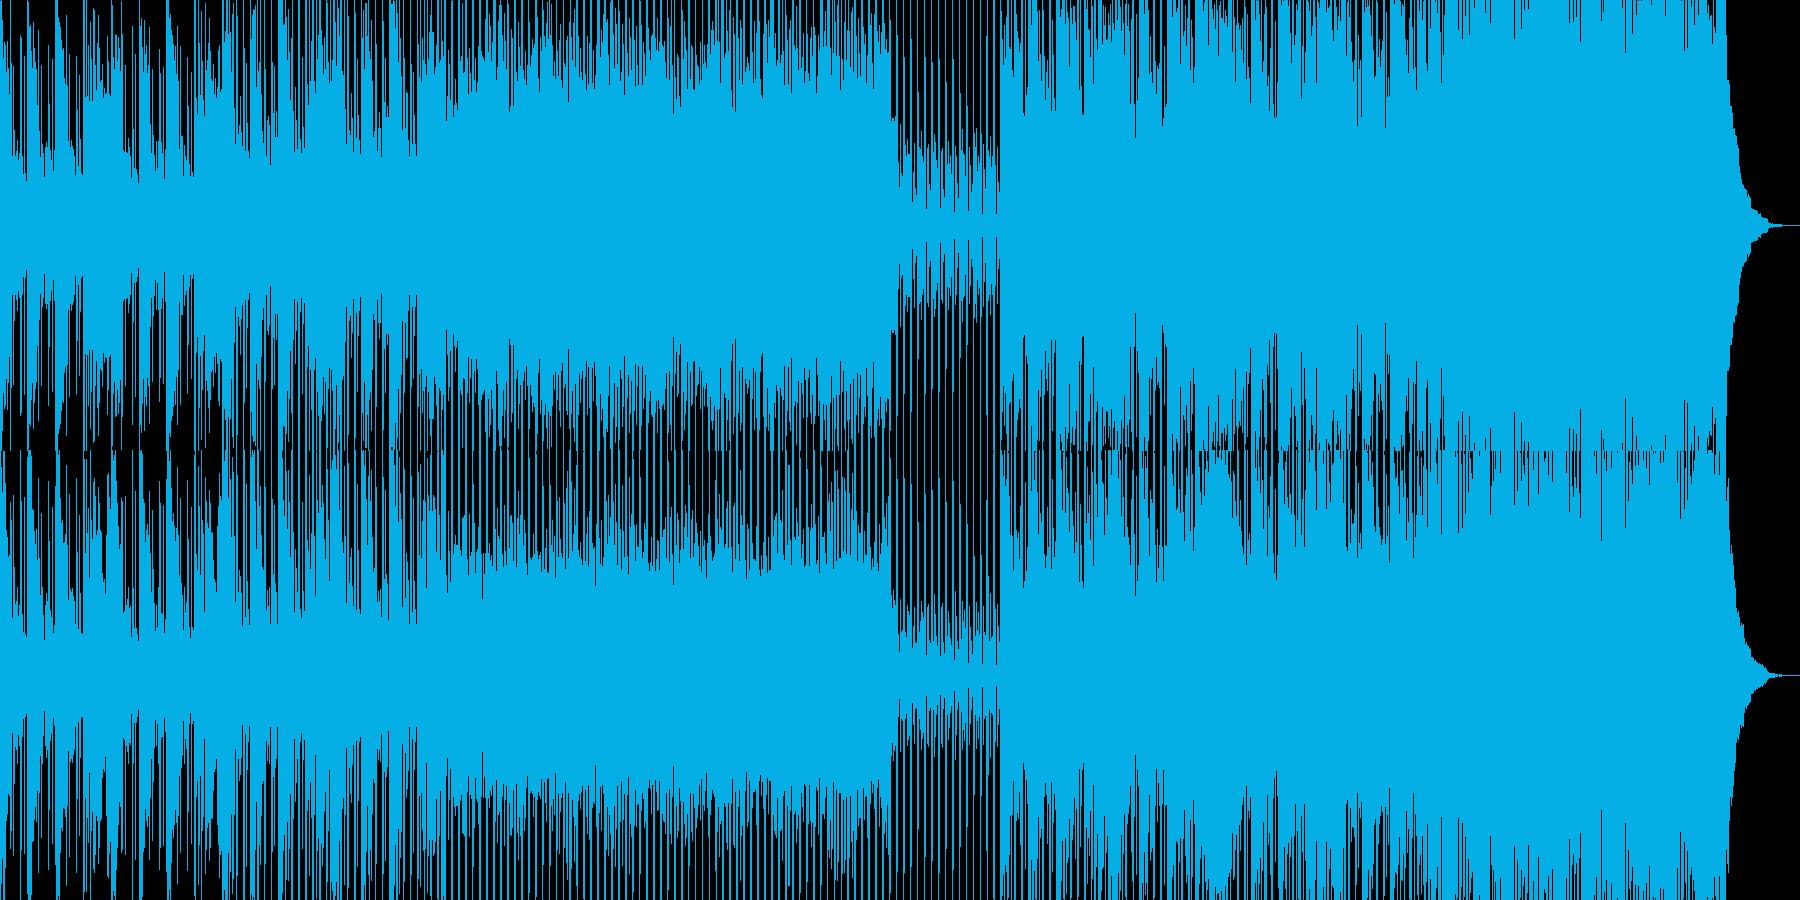 ミニマルなピアノのフレーズが淡々との再生済みの波形